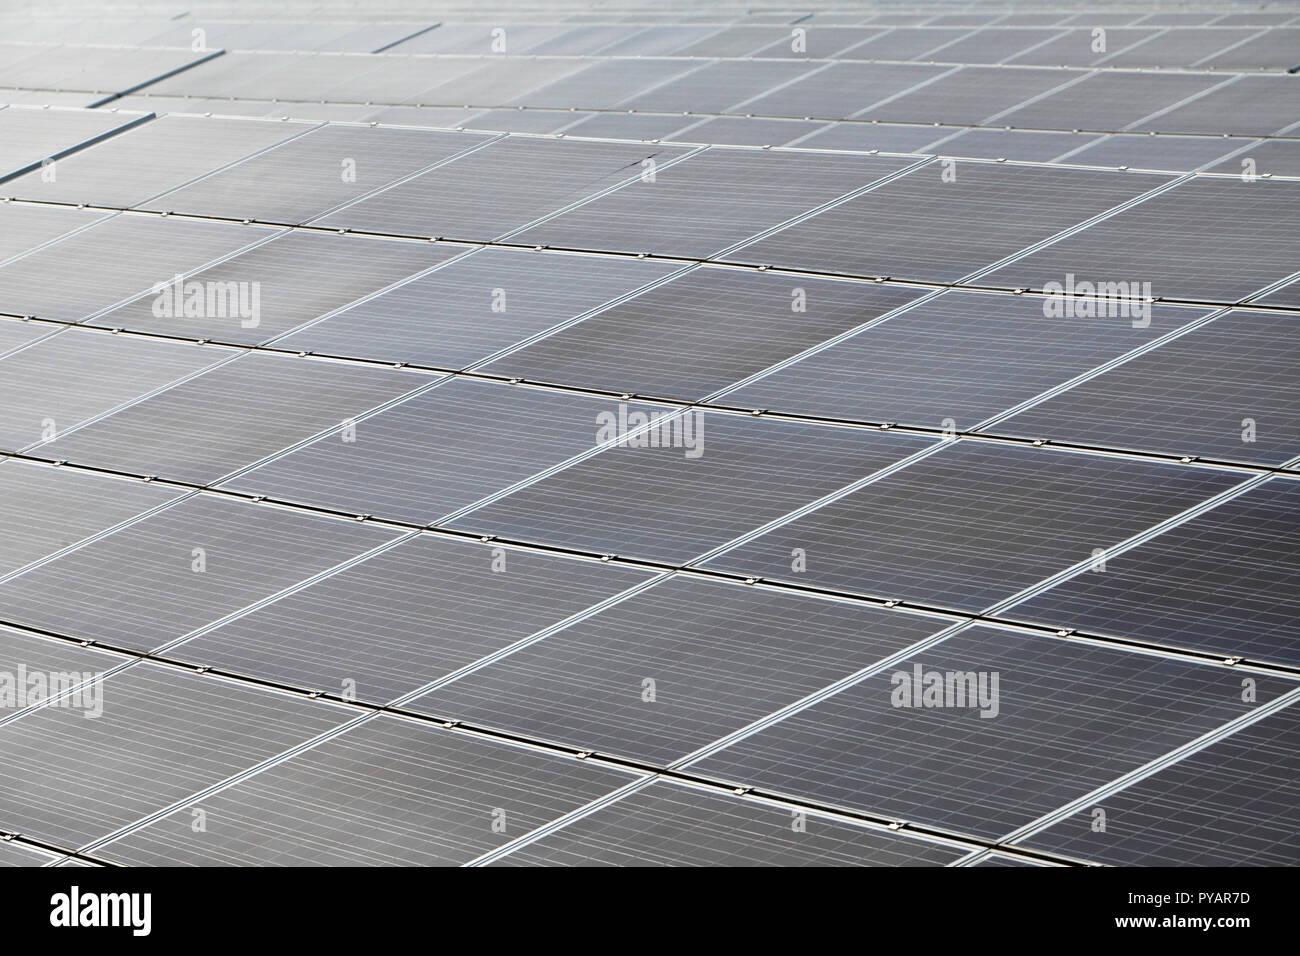 Las células fotovoltaicas, energía solar térmica. Las células fotovoltaicas. Imagen De Stock